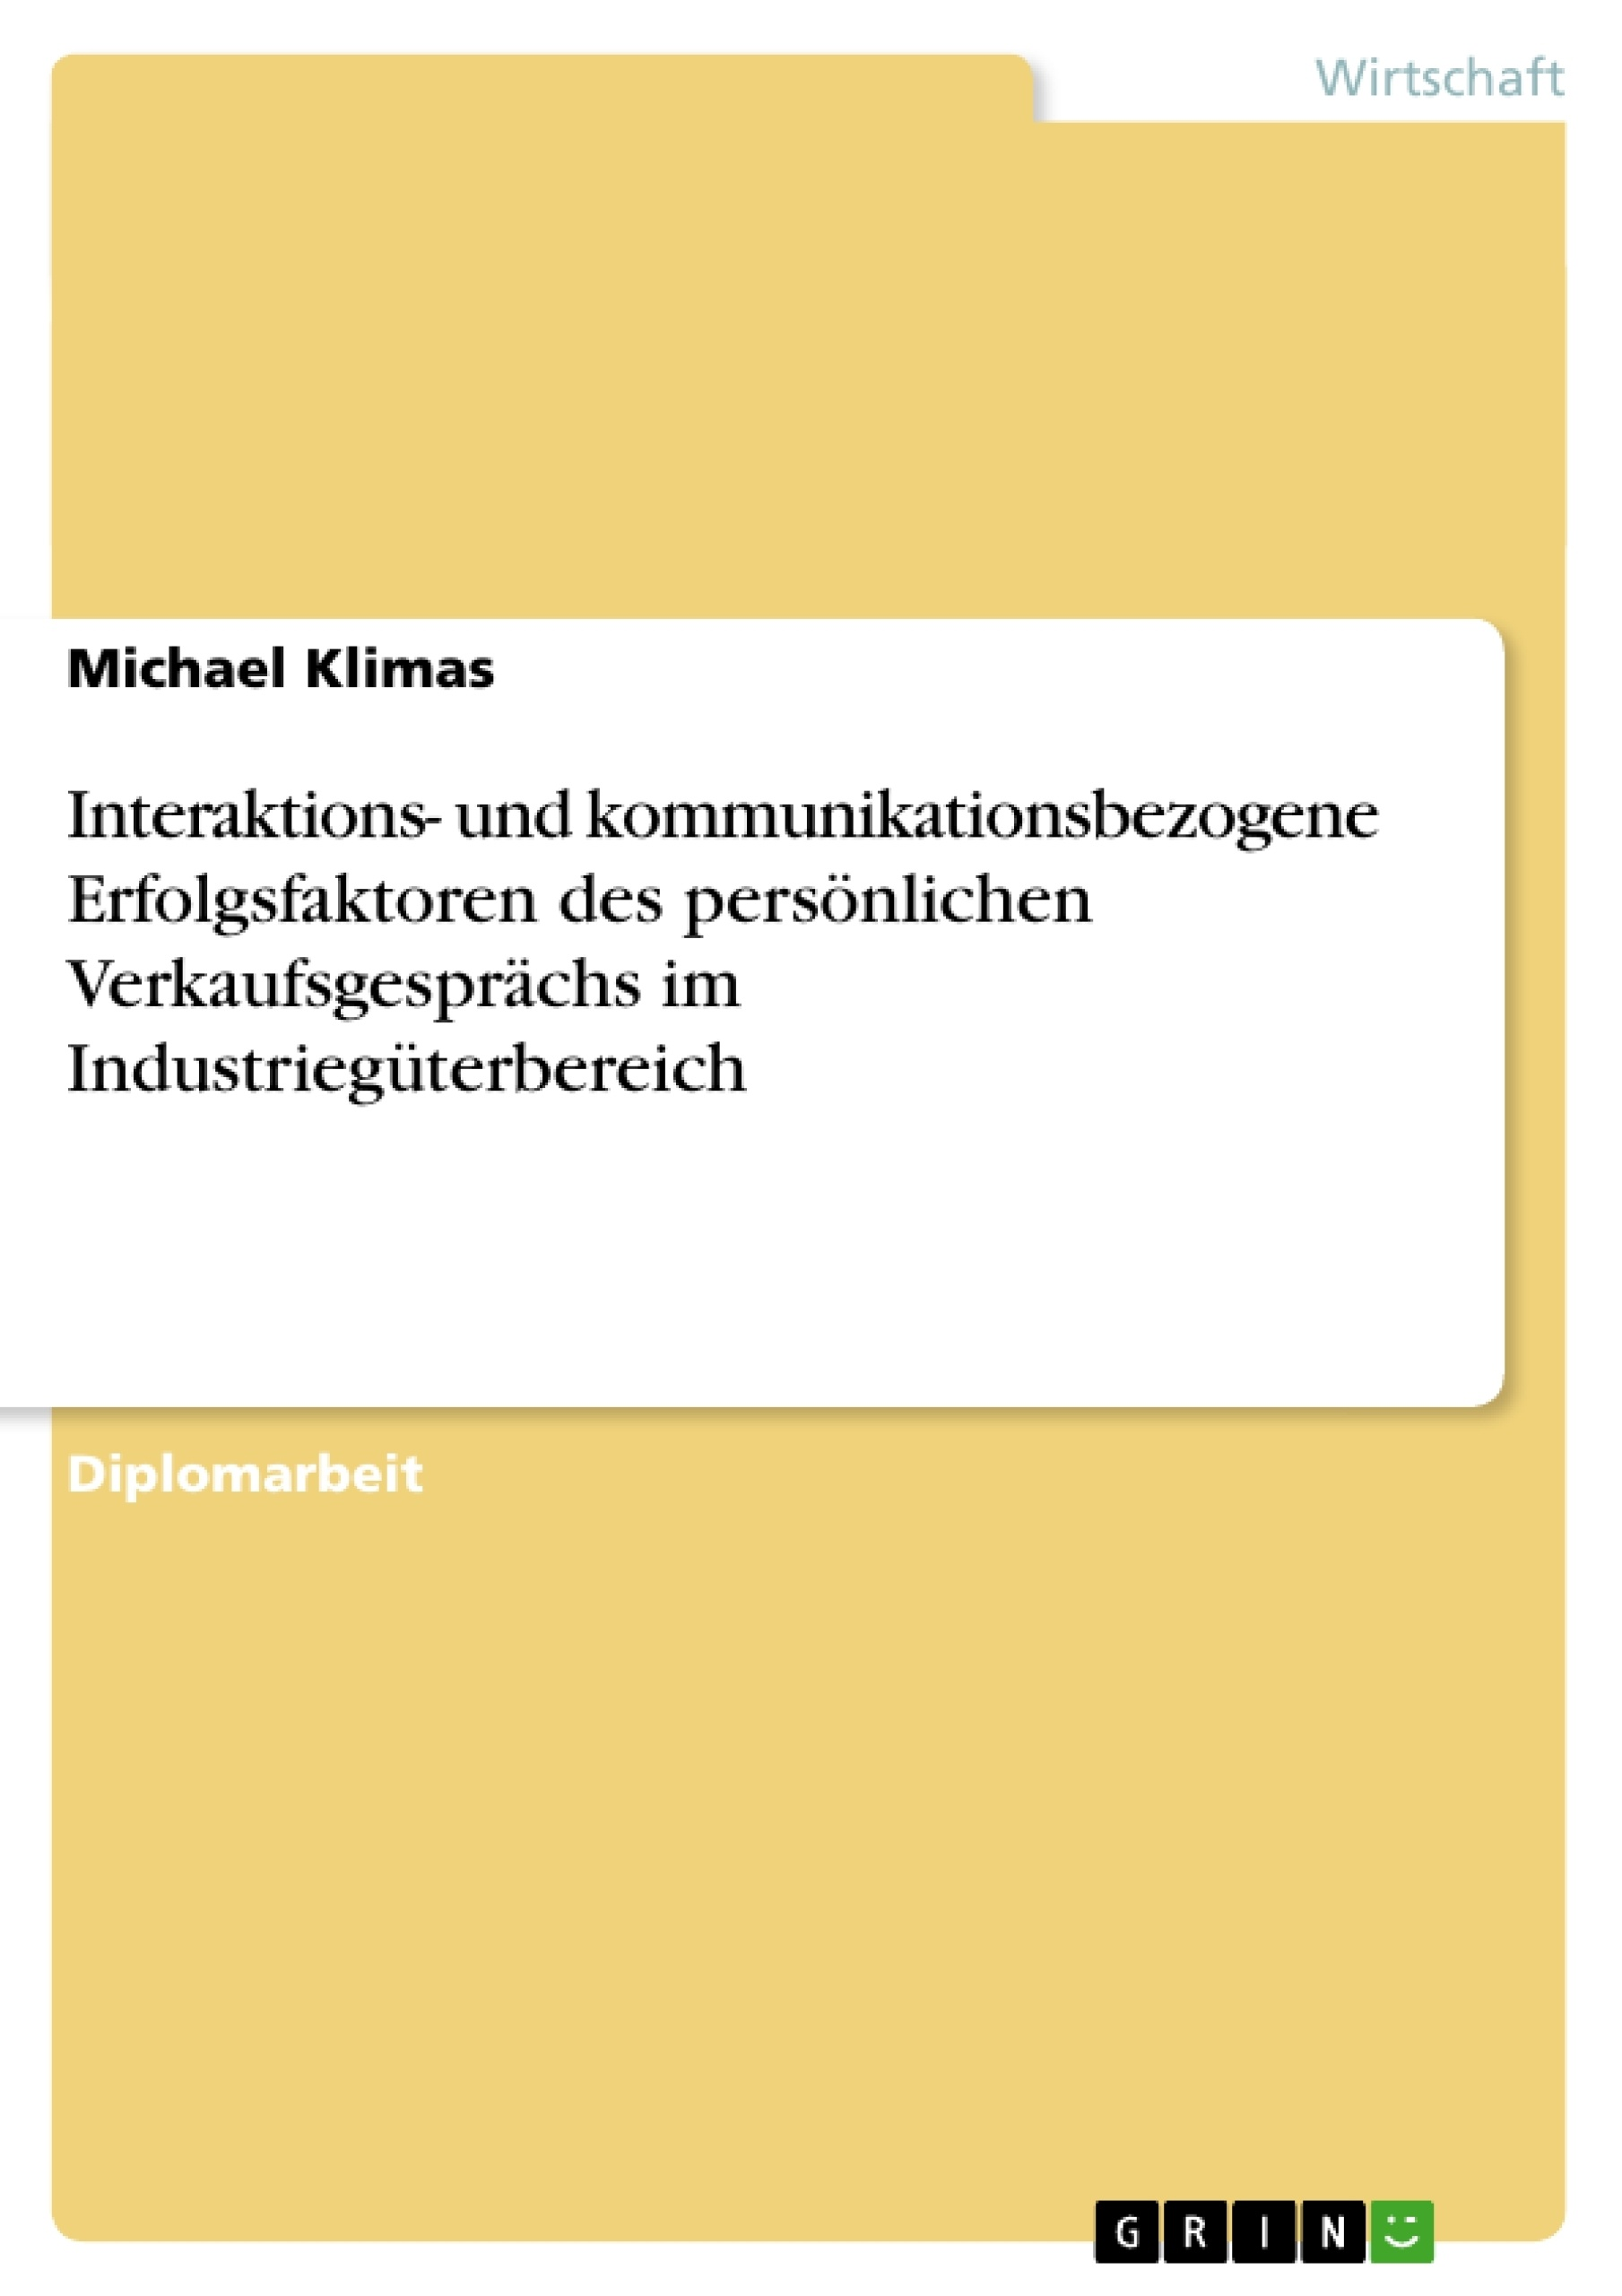 Titel: Interaktions- und kommunikationsbezogene Erfolgsfaktoren des persönlichen Verkaufsgesprächs im Industriegüterbereich